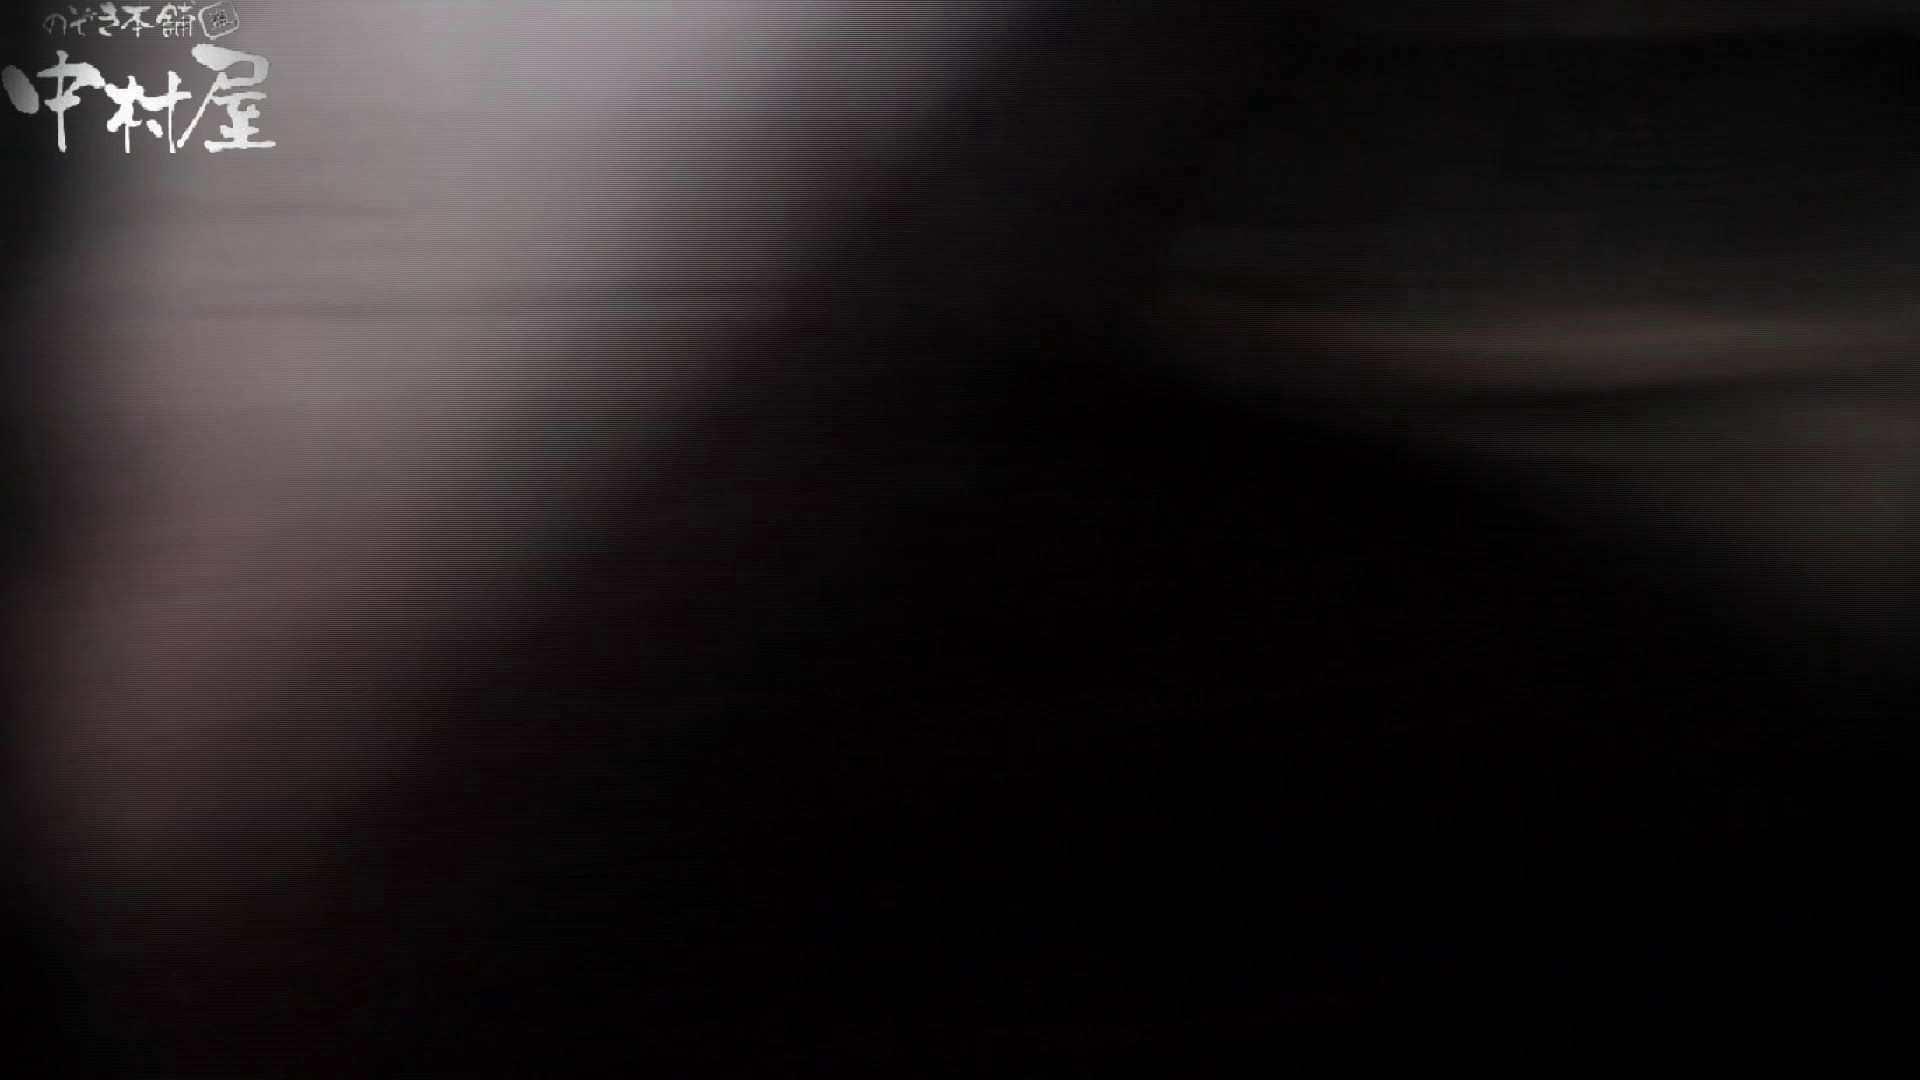 世界の射窓から vol.43 ソーニュー 後編 洗面所 | HなOL  62pic 20